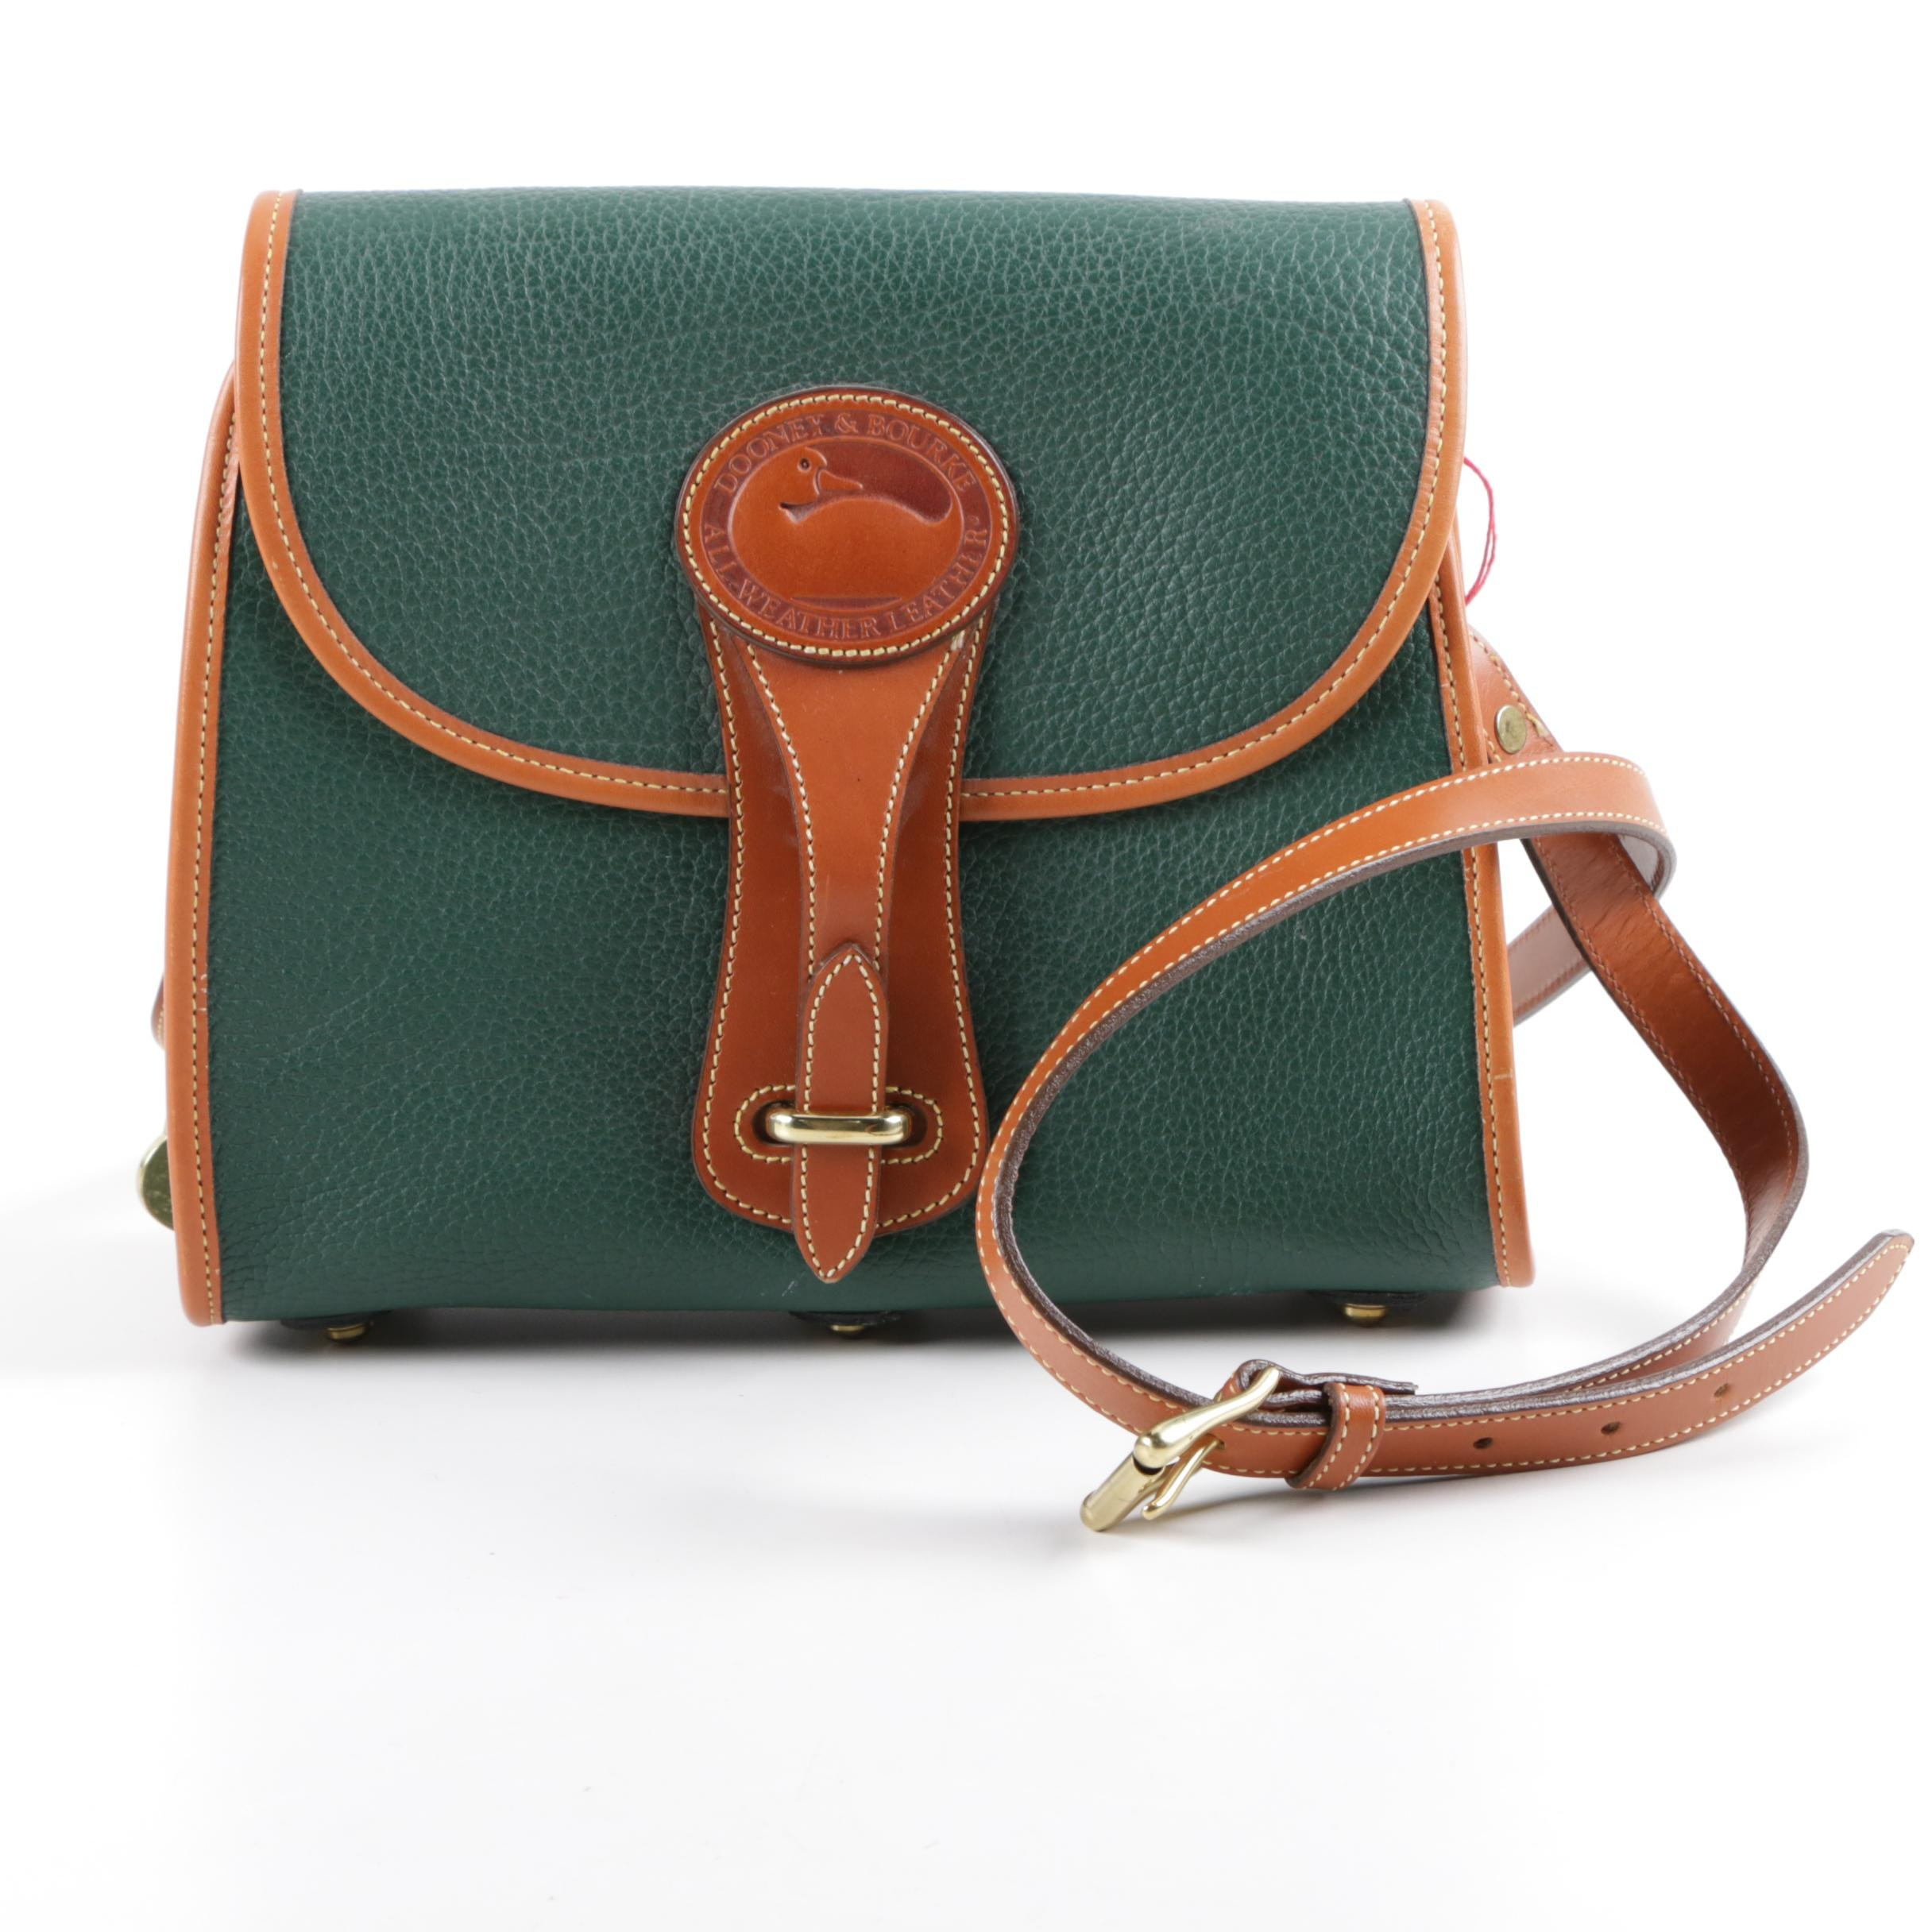 Dooney & Bourke All-Weather Leather Shoulder Bag